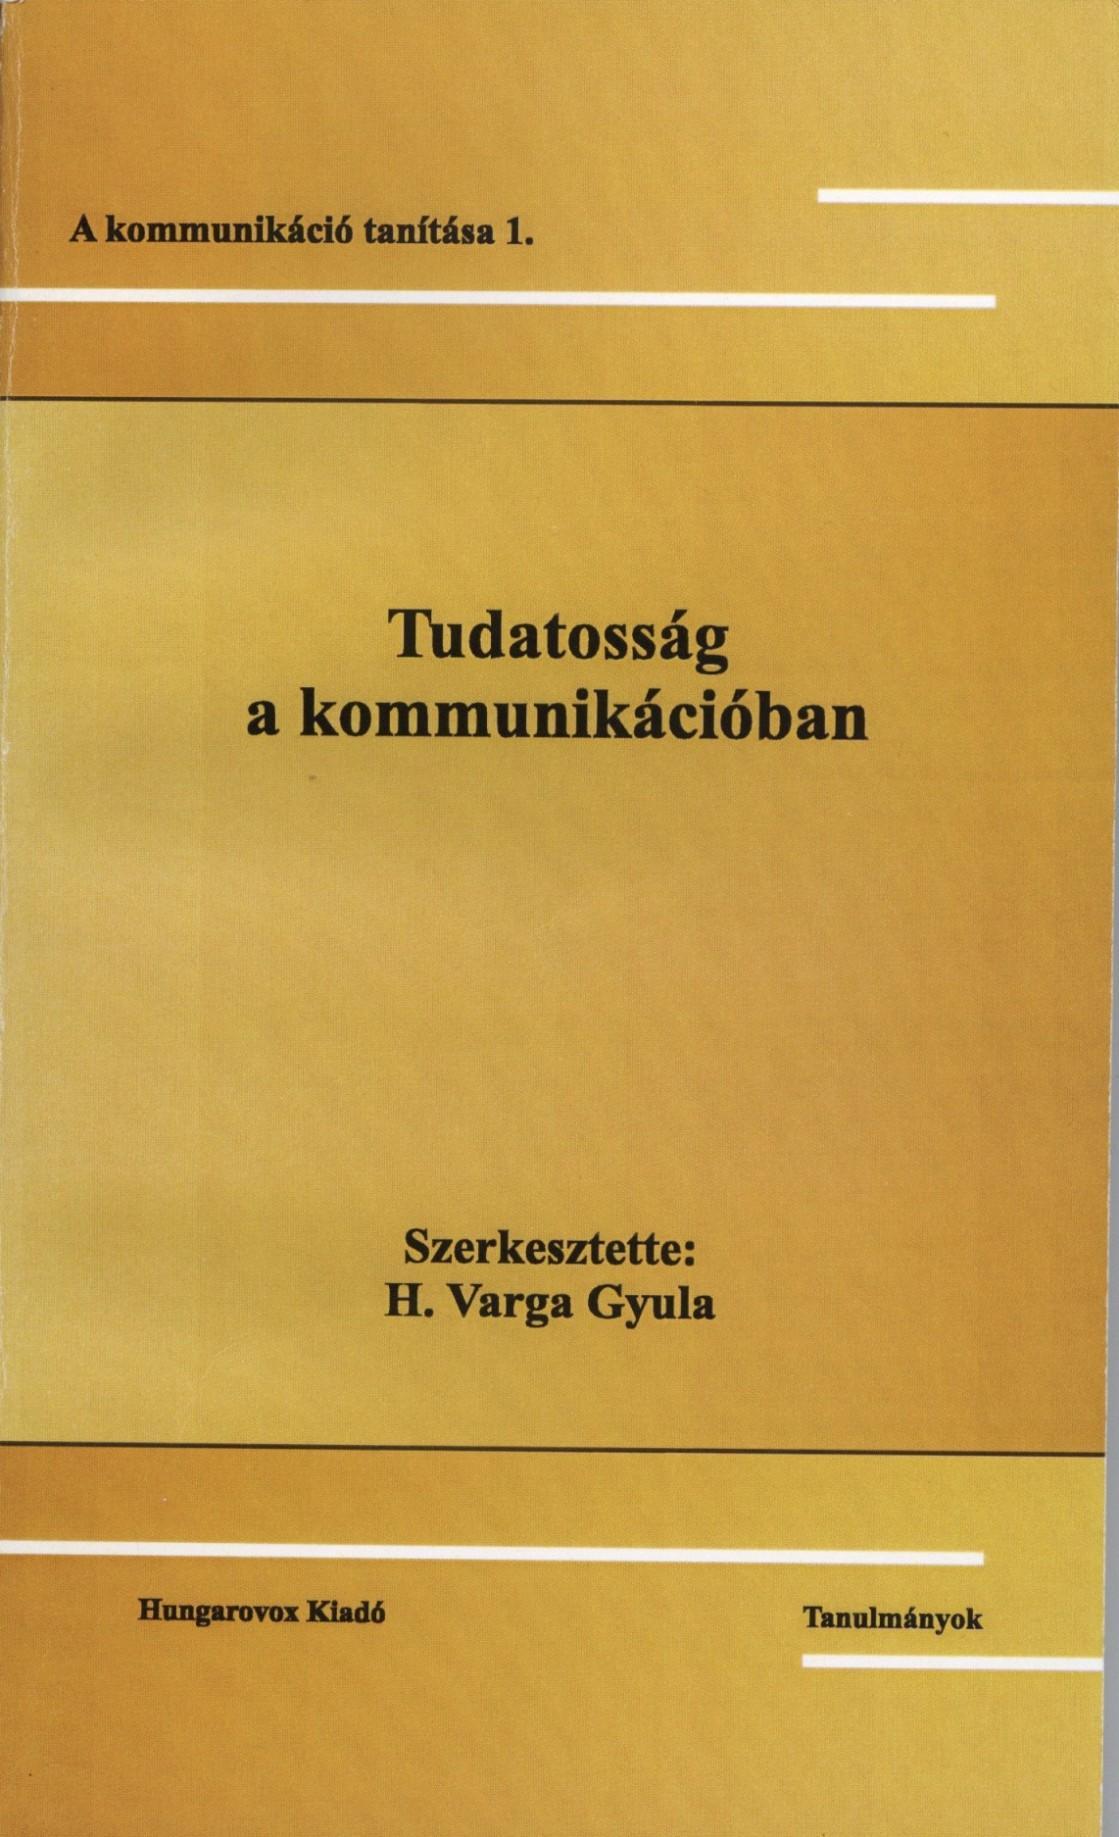 TUDATOSSÁG A KOMMUNIKÁCIÓBAN - A KOMMUNIKÁCIÓ TANÍTÁSA 1.